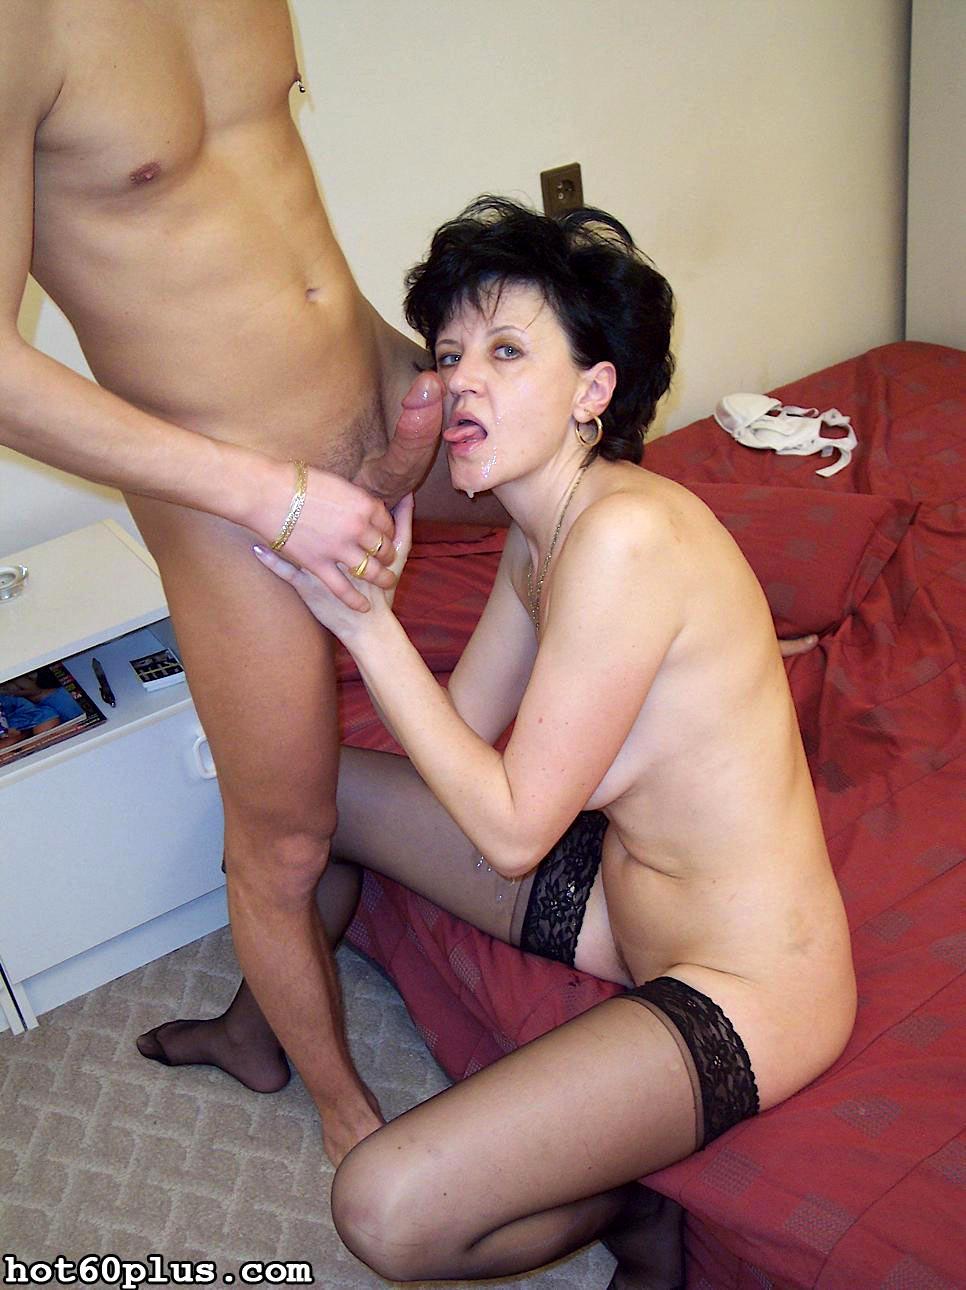 lichniy-seks-zrelih